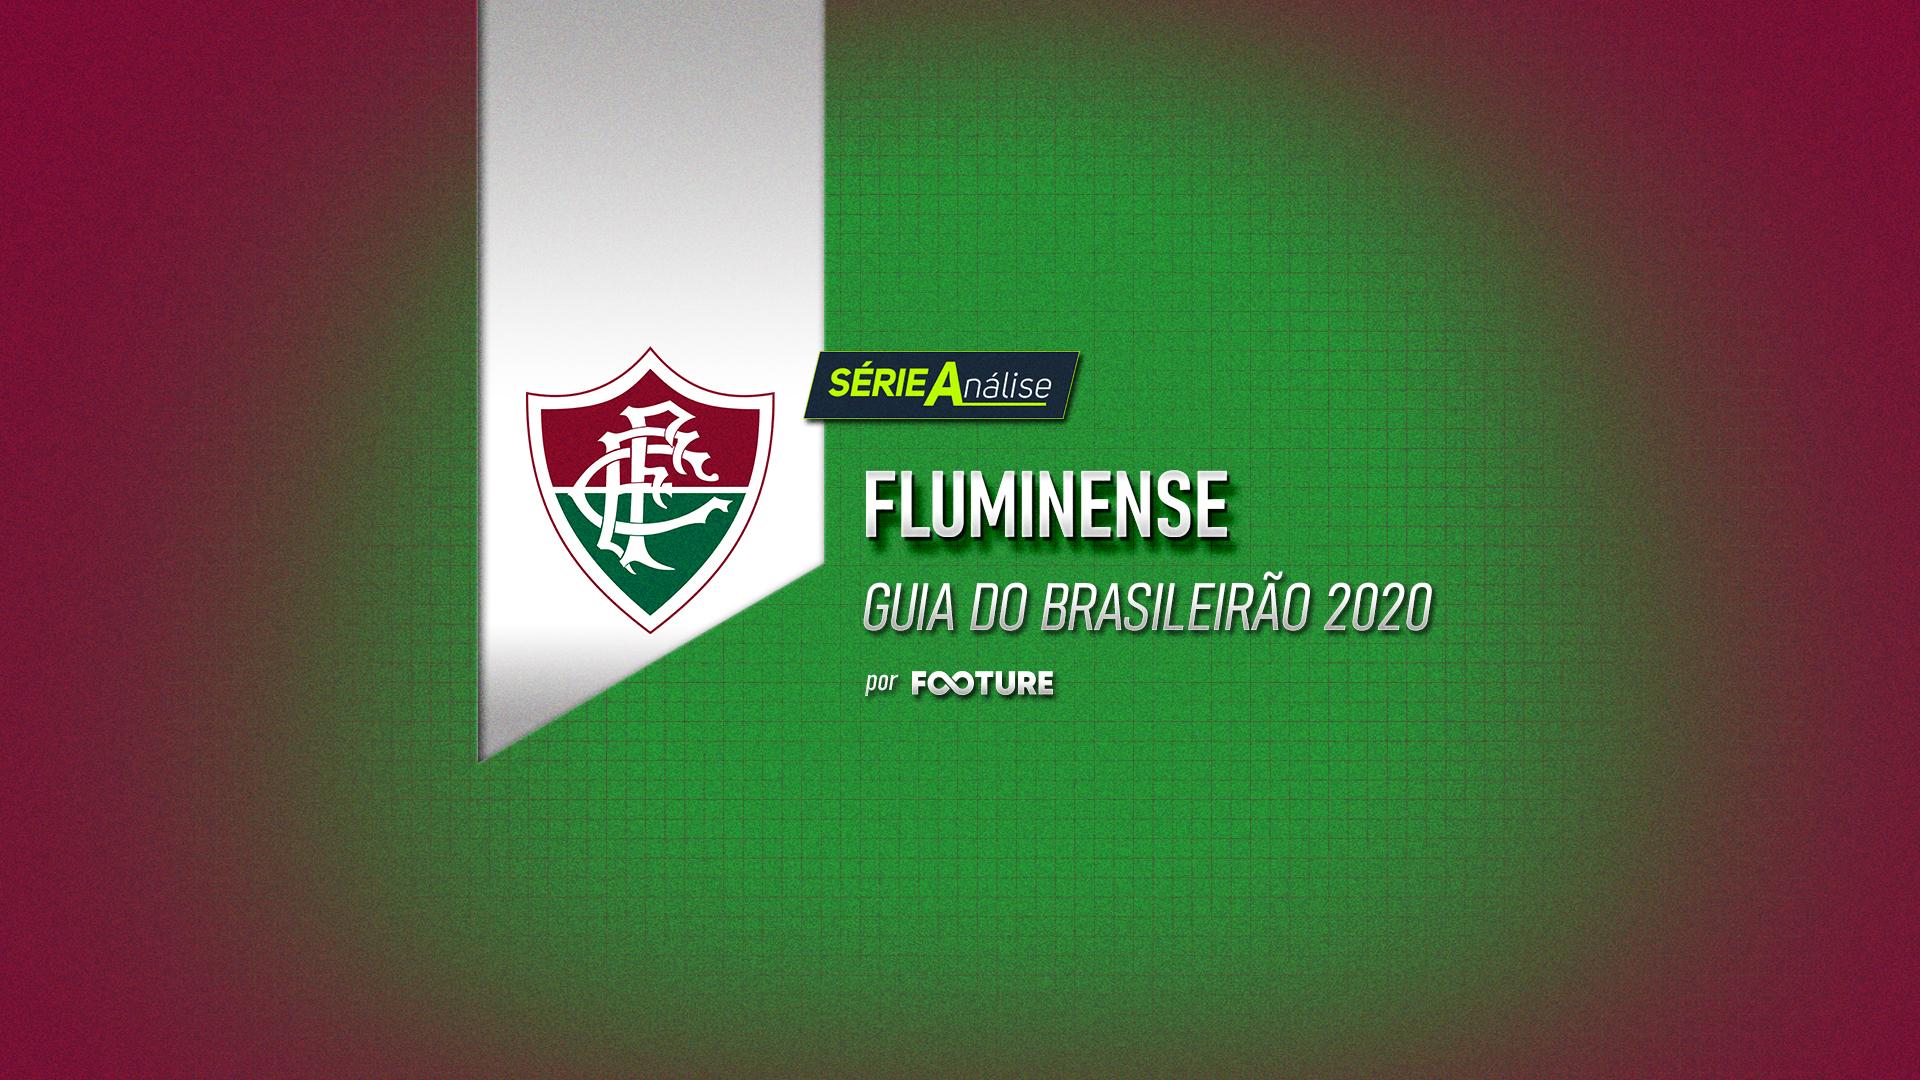 Guia do Brasileirão 2020 – Fluminense